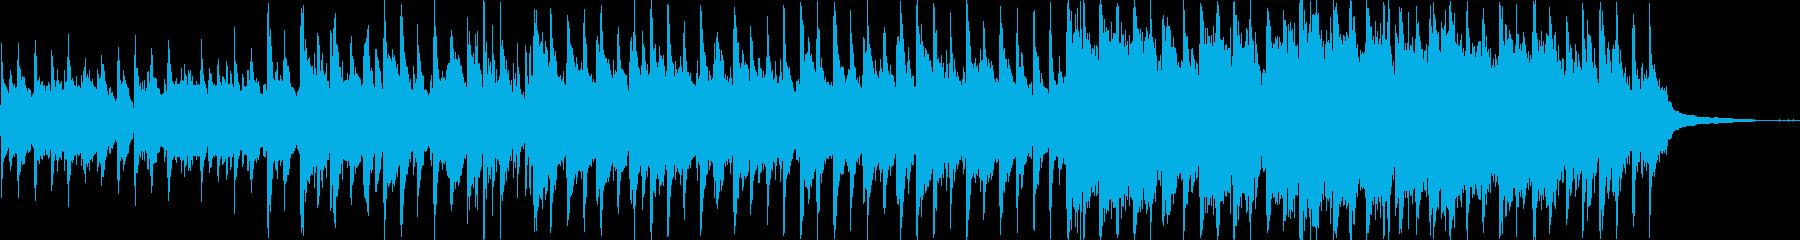 爽やかな映像向けアコースティックポップの再生済みの波形